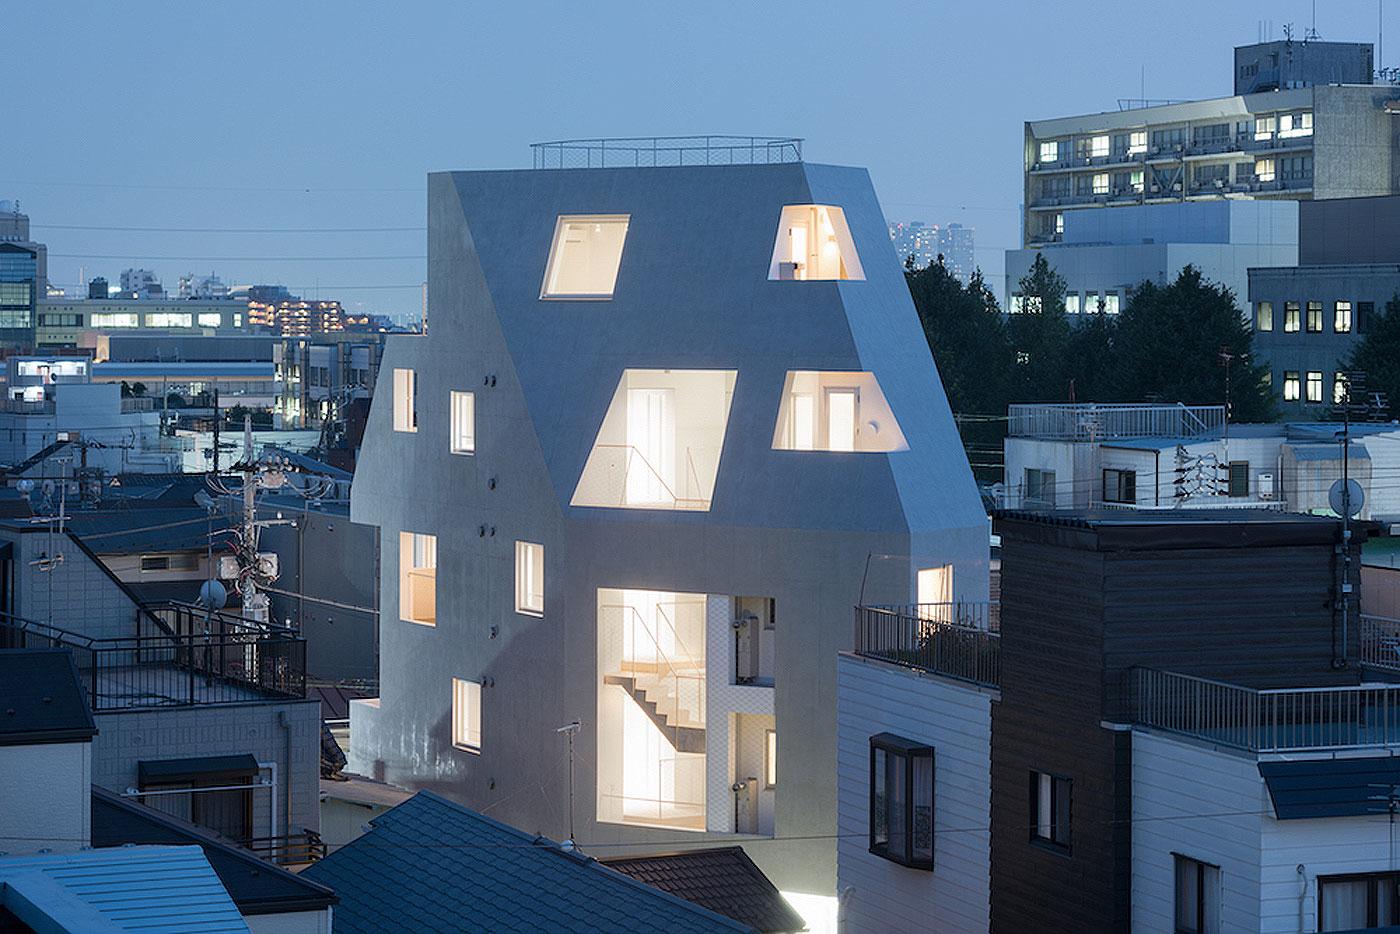 apartamentos-kitasenzoku-tomoyuki-kurokawa (13)